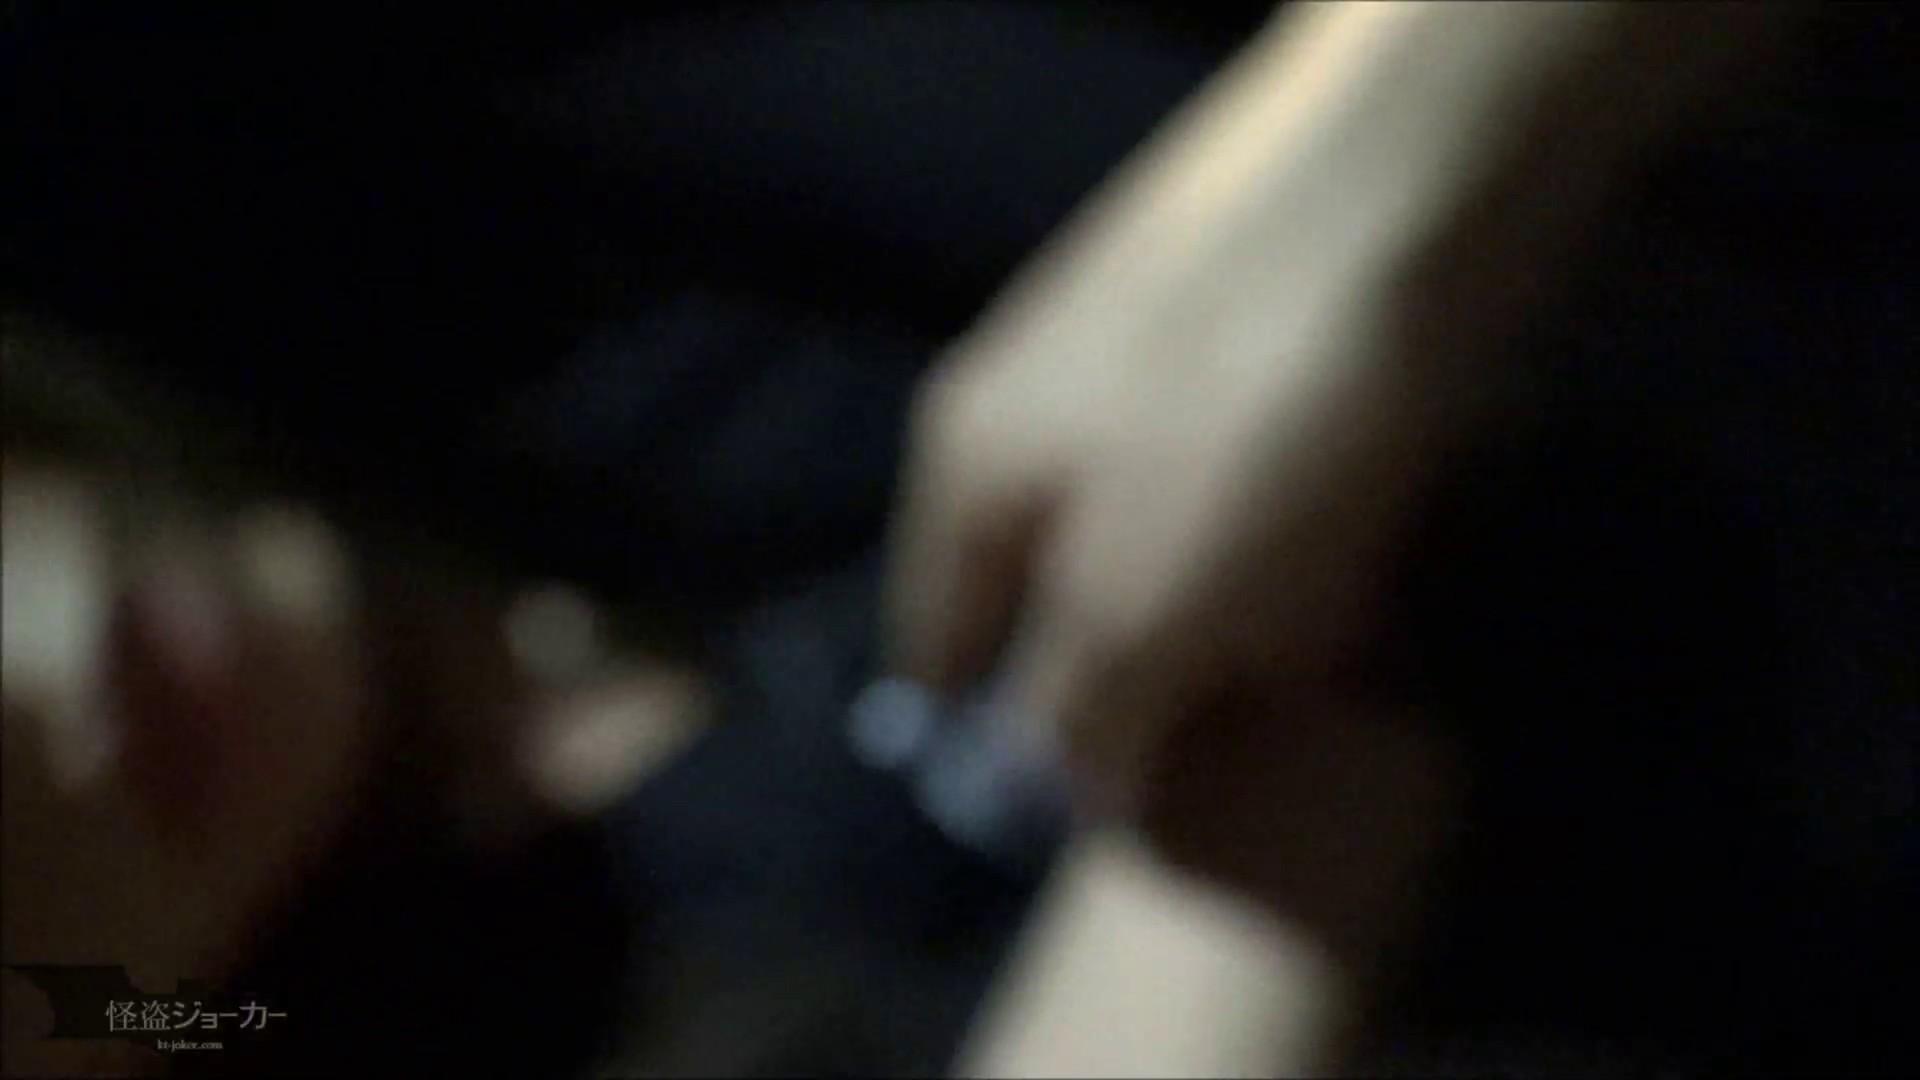 【未公開】vol.100 {5人の無警戒女たち}終電を逃した末路ww お姉さんの胸チラ  89画像 60